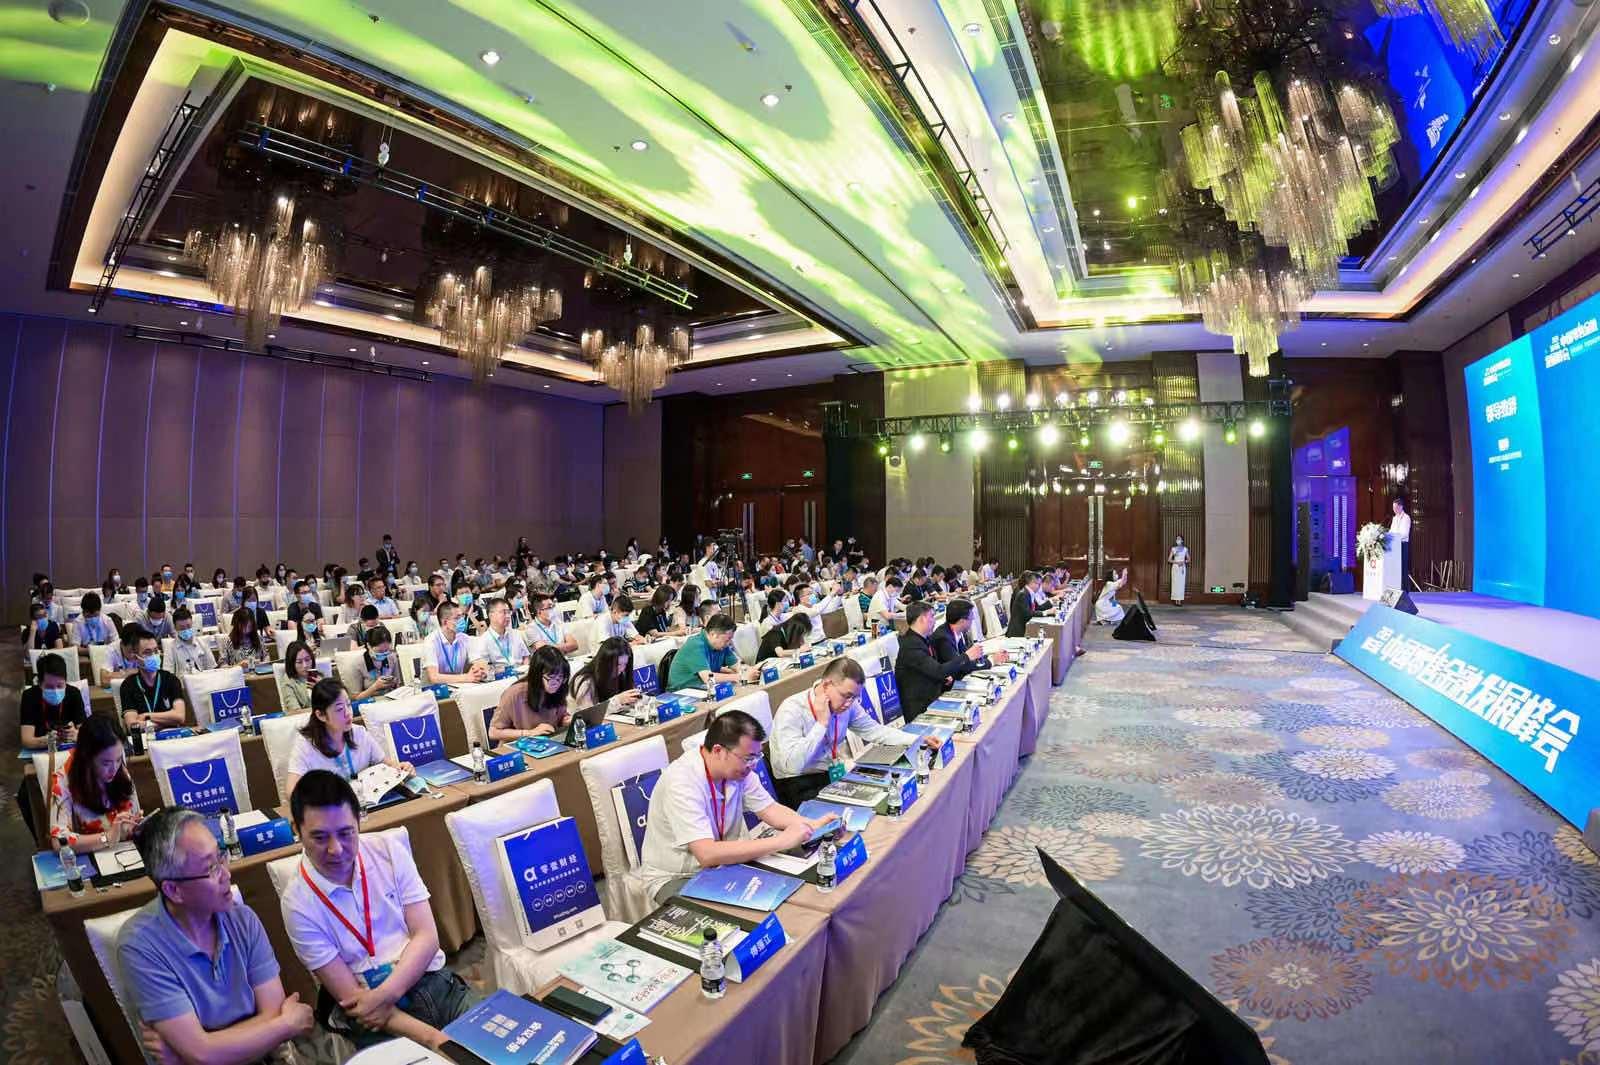 第三届中国零售金融发展峰会在成都召开 多方探索零售金融全新增长曲线